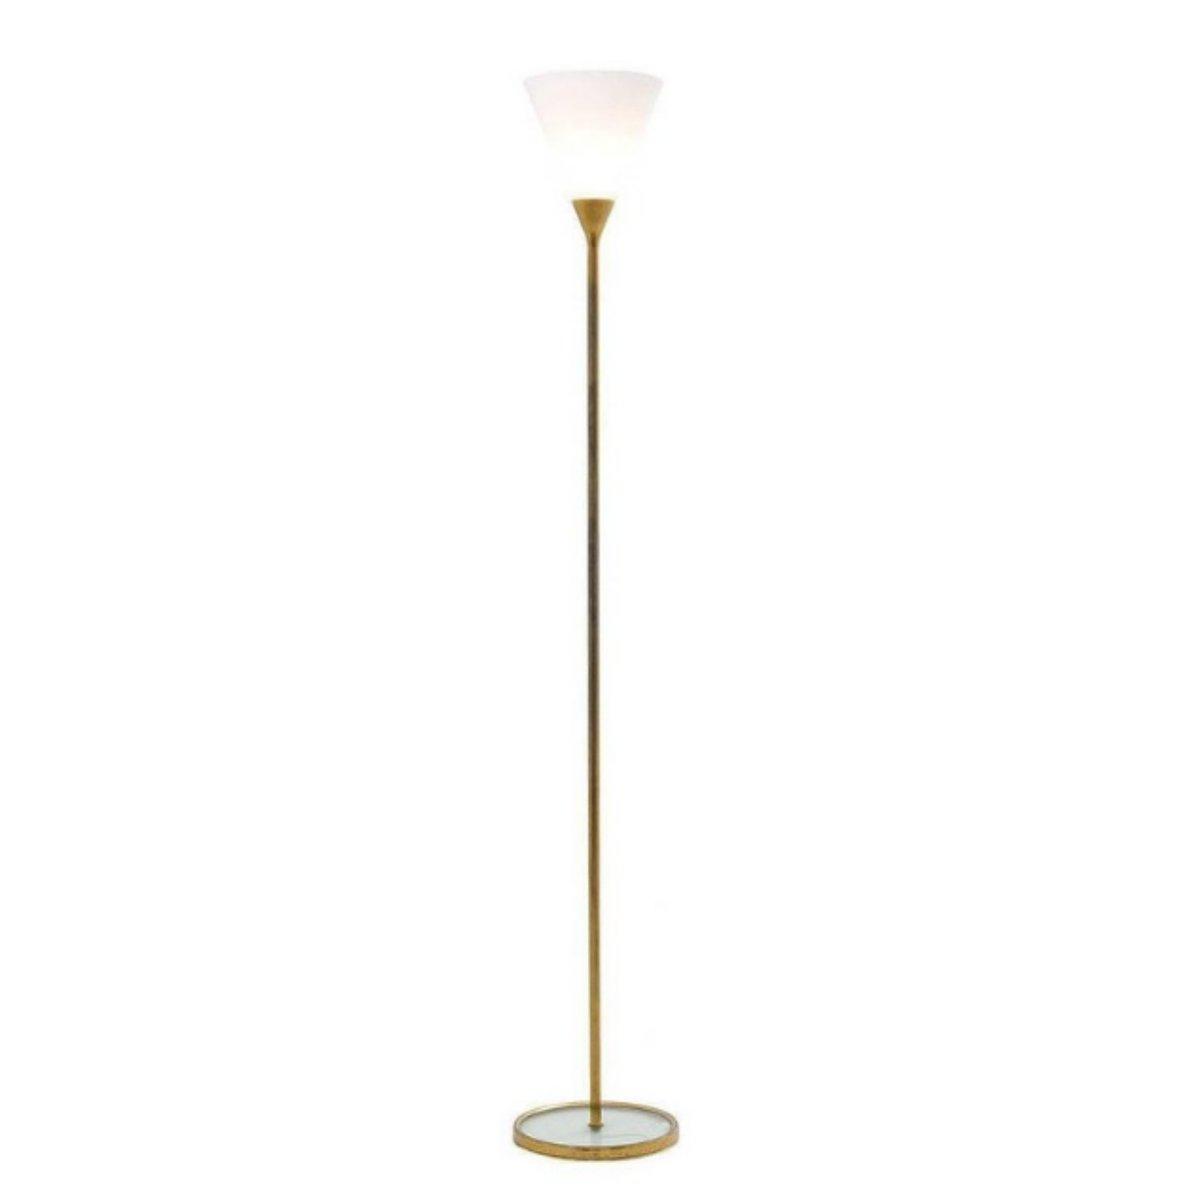 2003 Stehlampe von Max Ingrand für Fontana Arte, 1950er